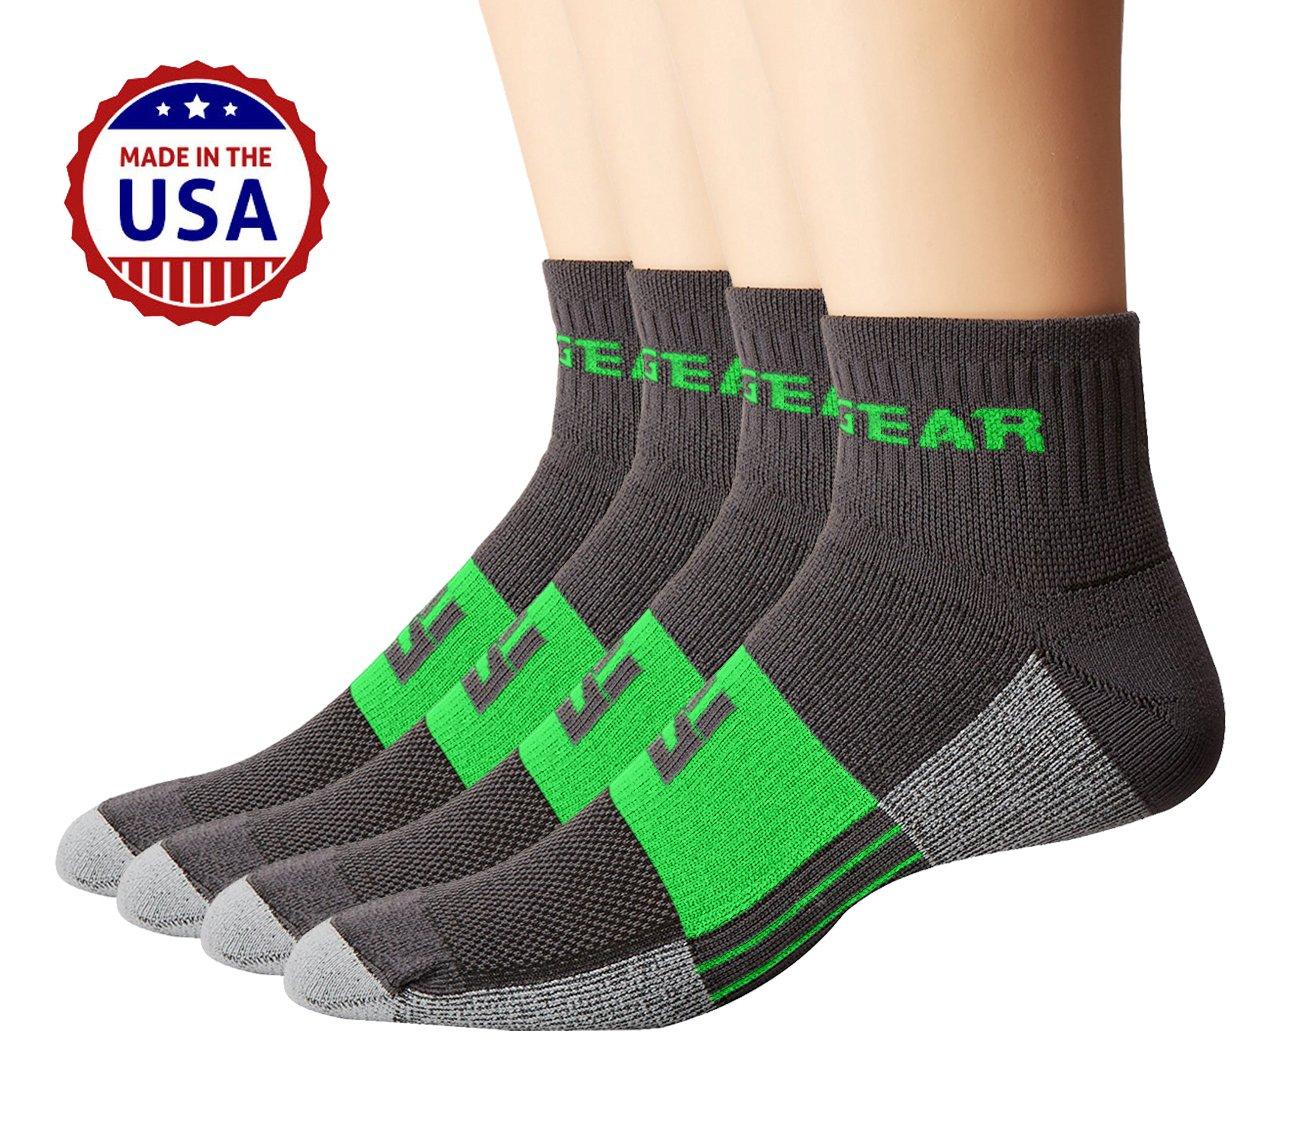 MudGear Trail Running Socks for Men and Women - 2 Pair Pack